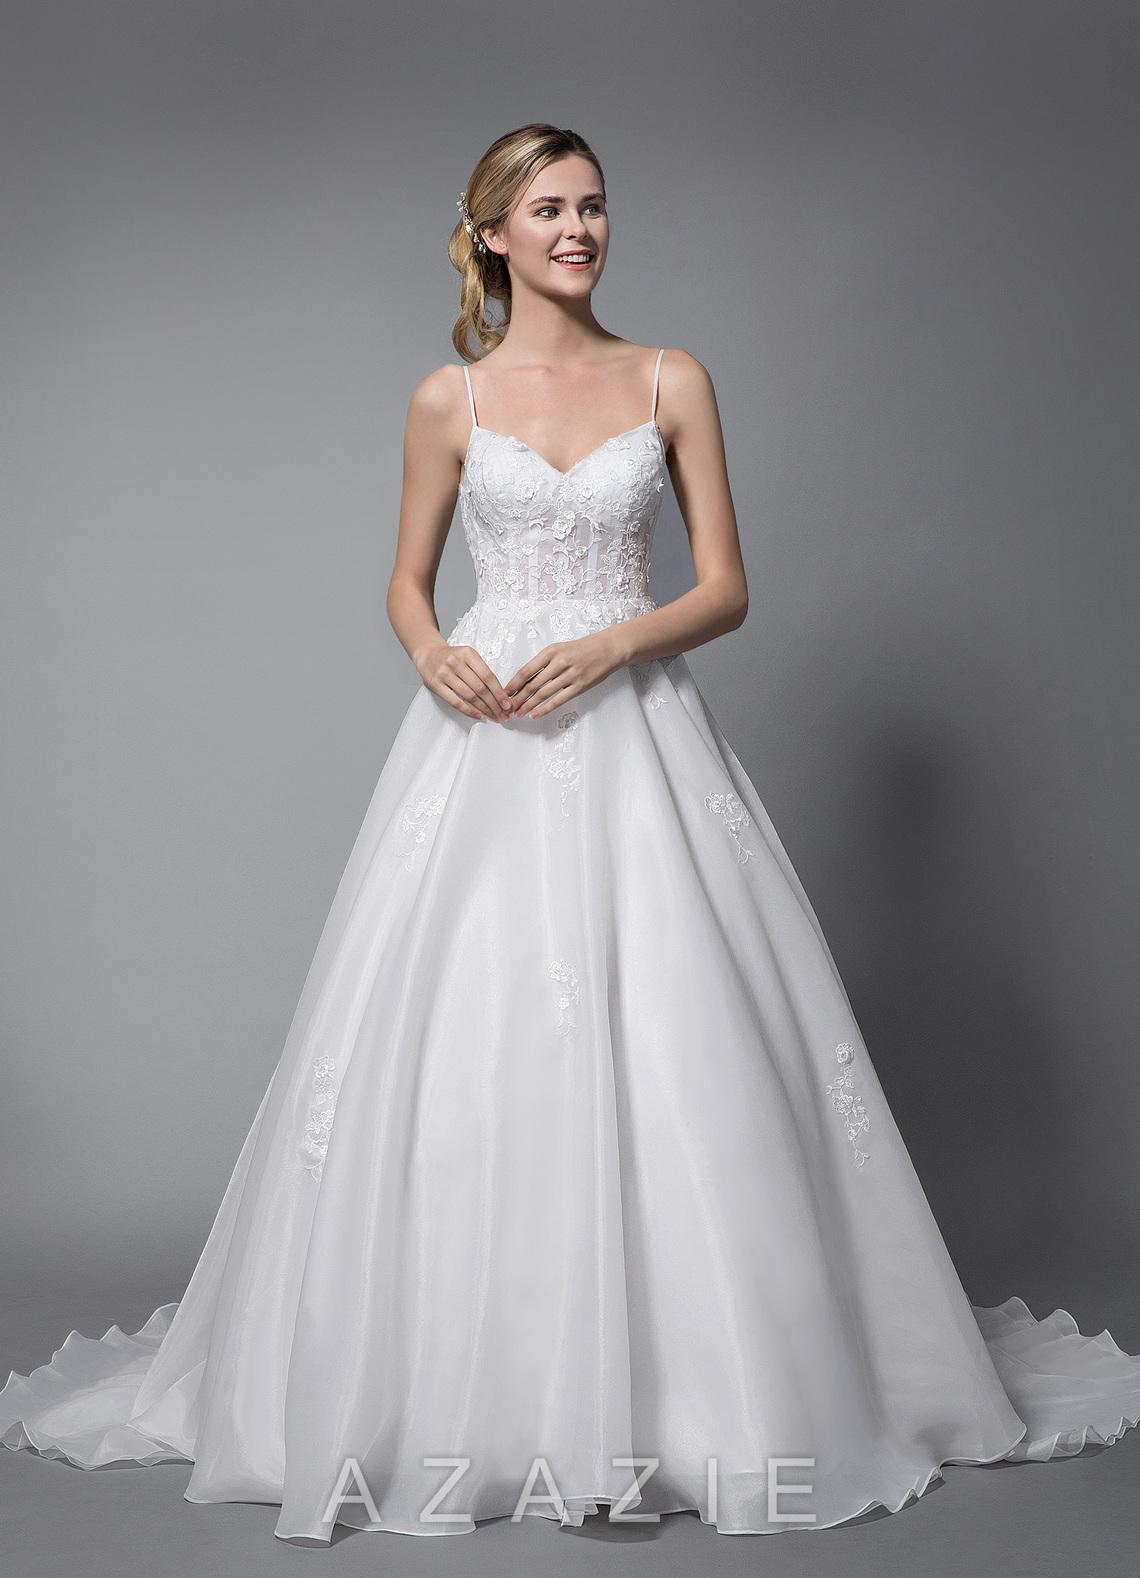 6c8d7c5dd709 Azazie Alba BG Wedding Dress | Azazie